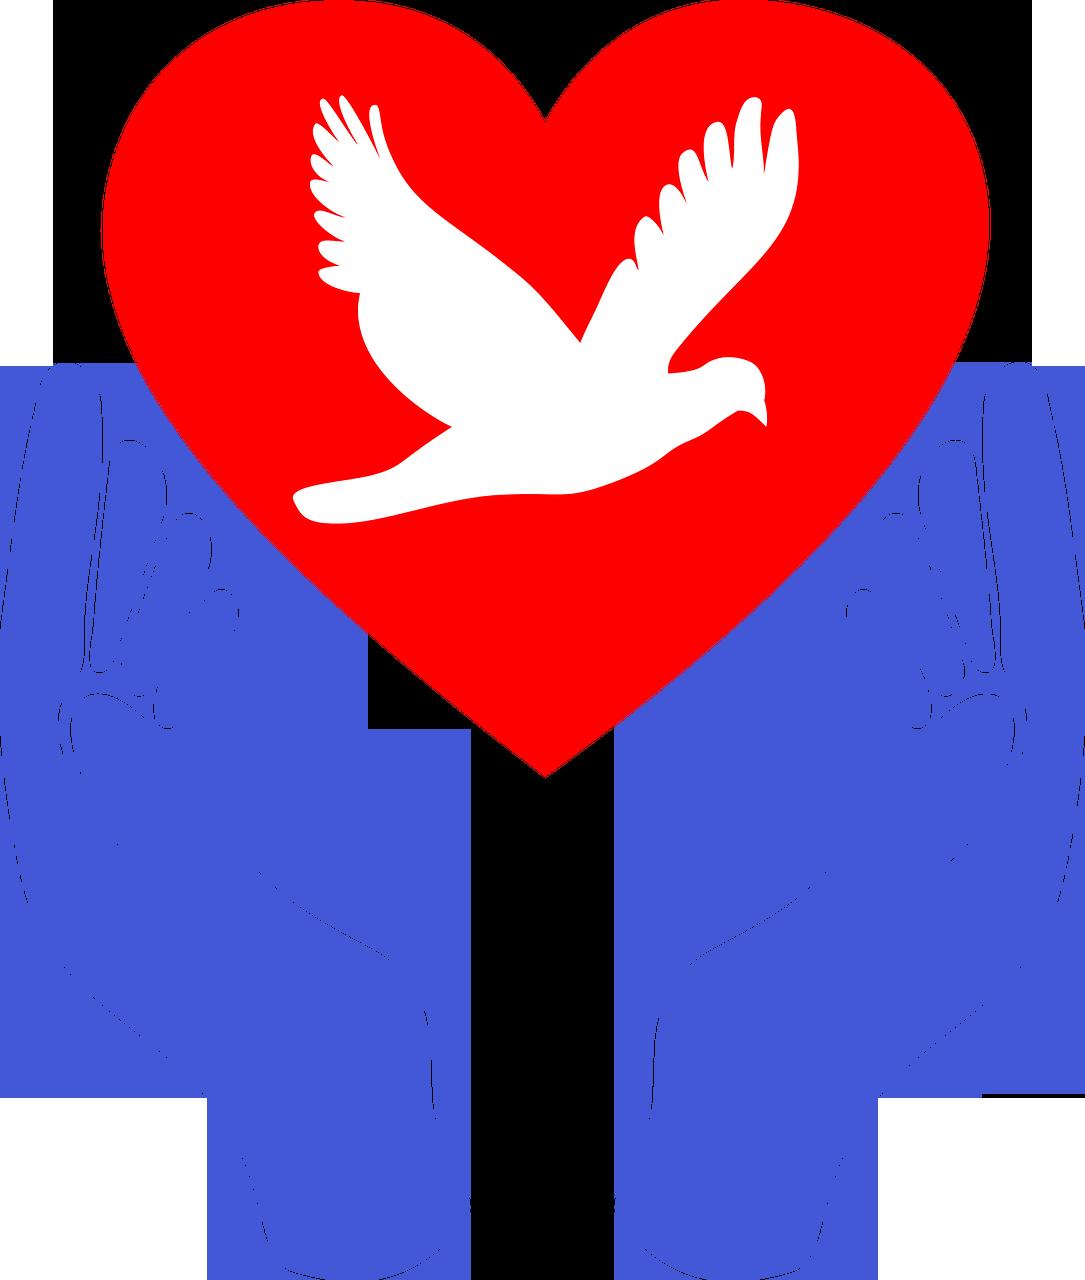 heart-hands-france